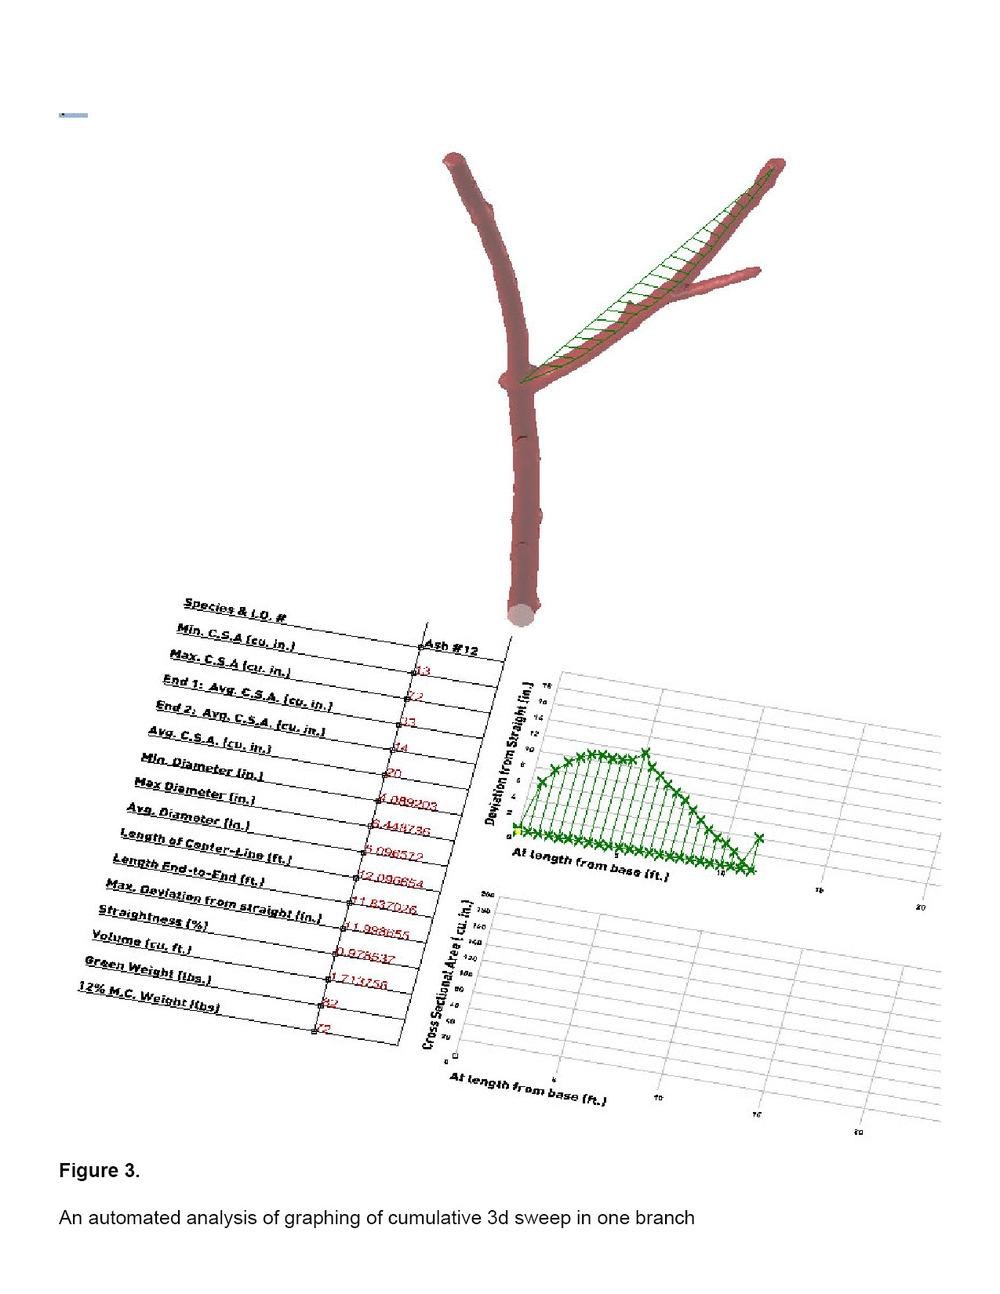 Tree_12_Spec8.jpg